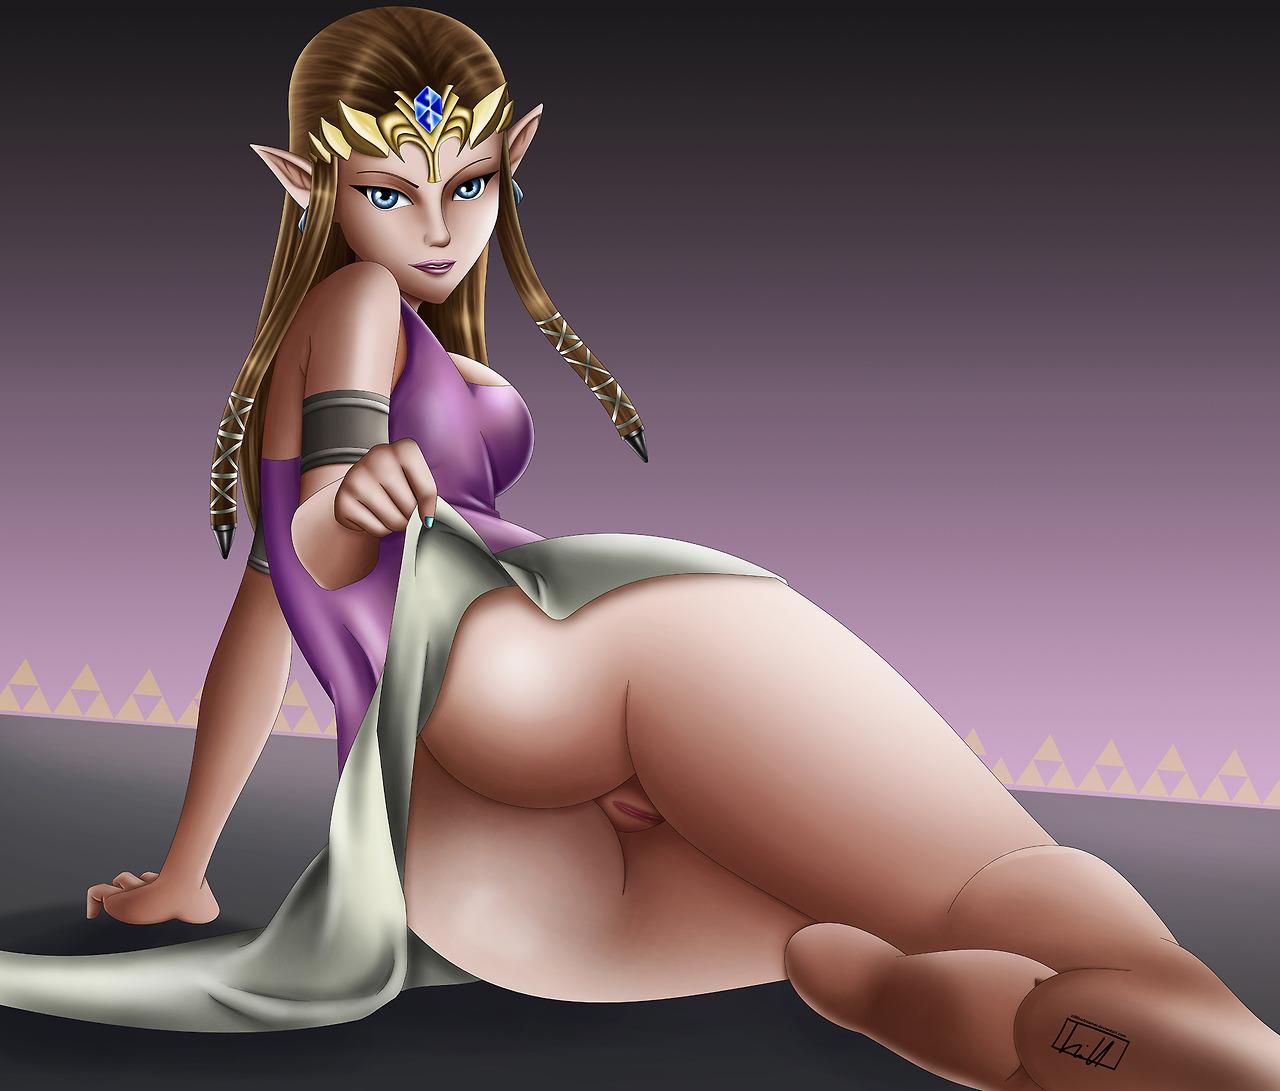 Apologise, but, prinsessa zelda naken final, sorry